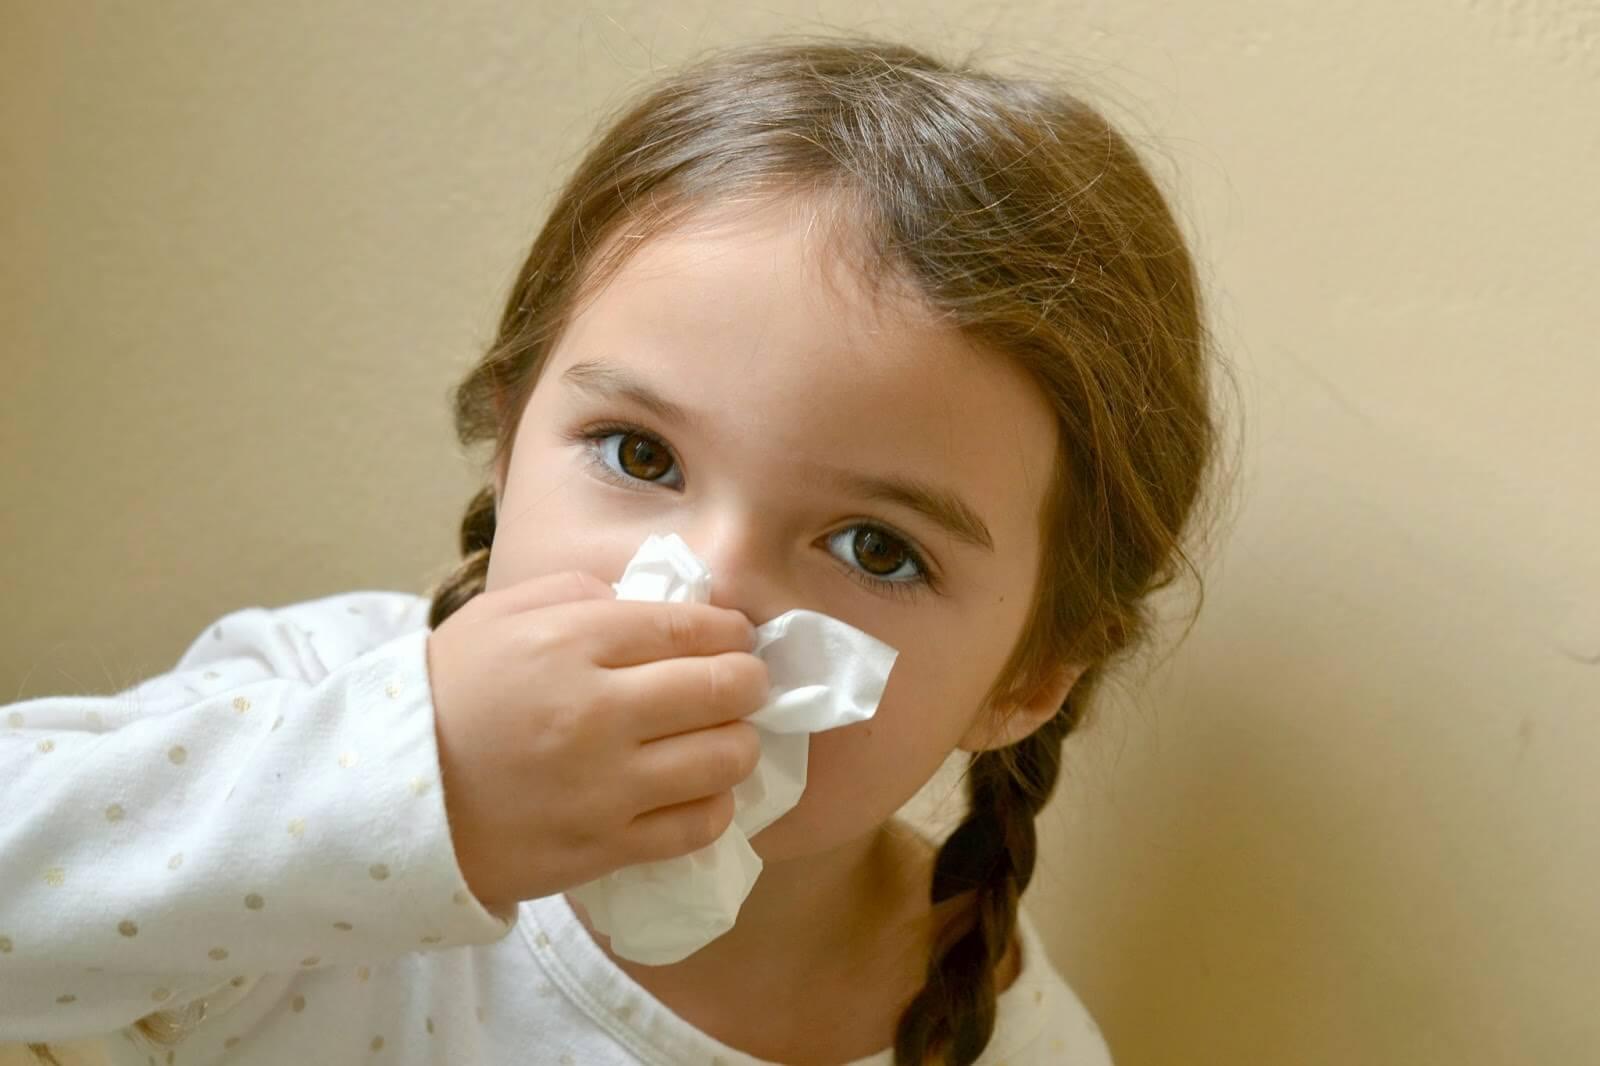 Закладывает нос без насморка: причины